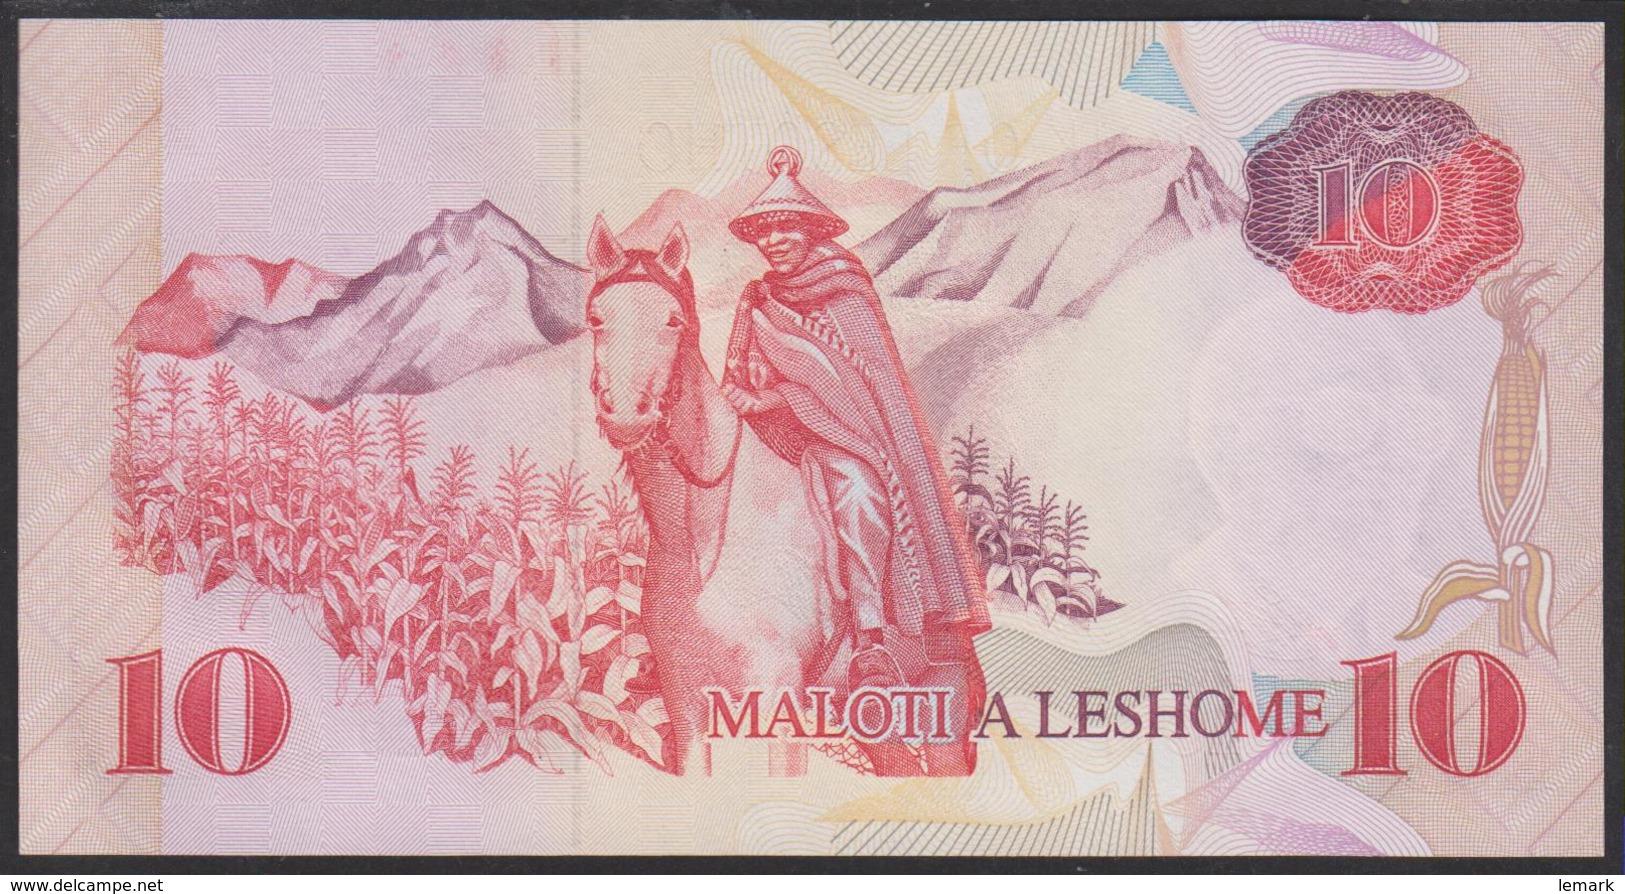 Lesotho 10 Maloti 1990 P11 UNC - Lesotho